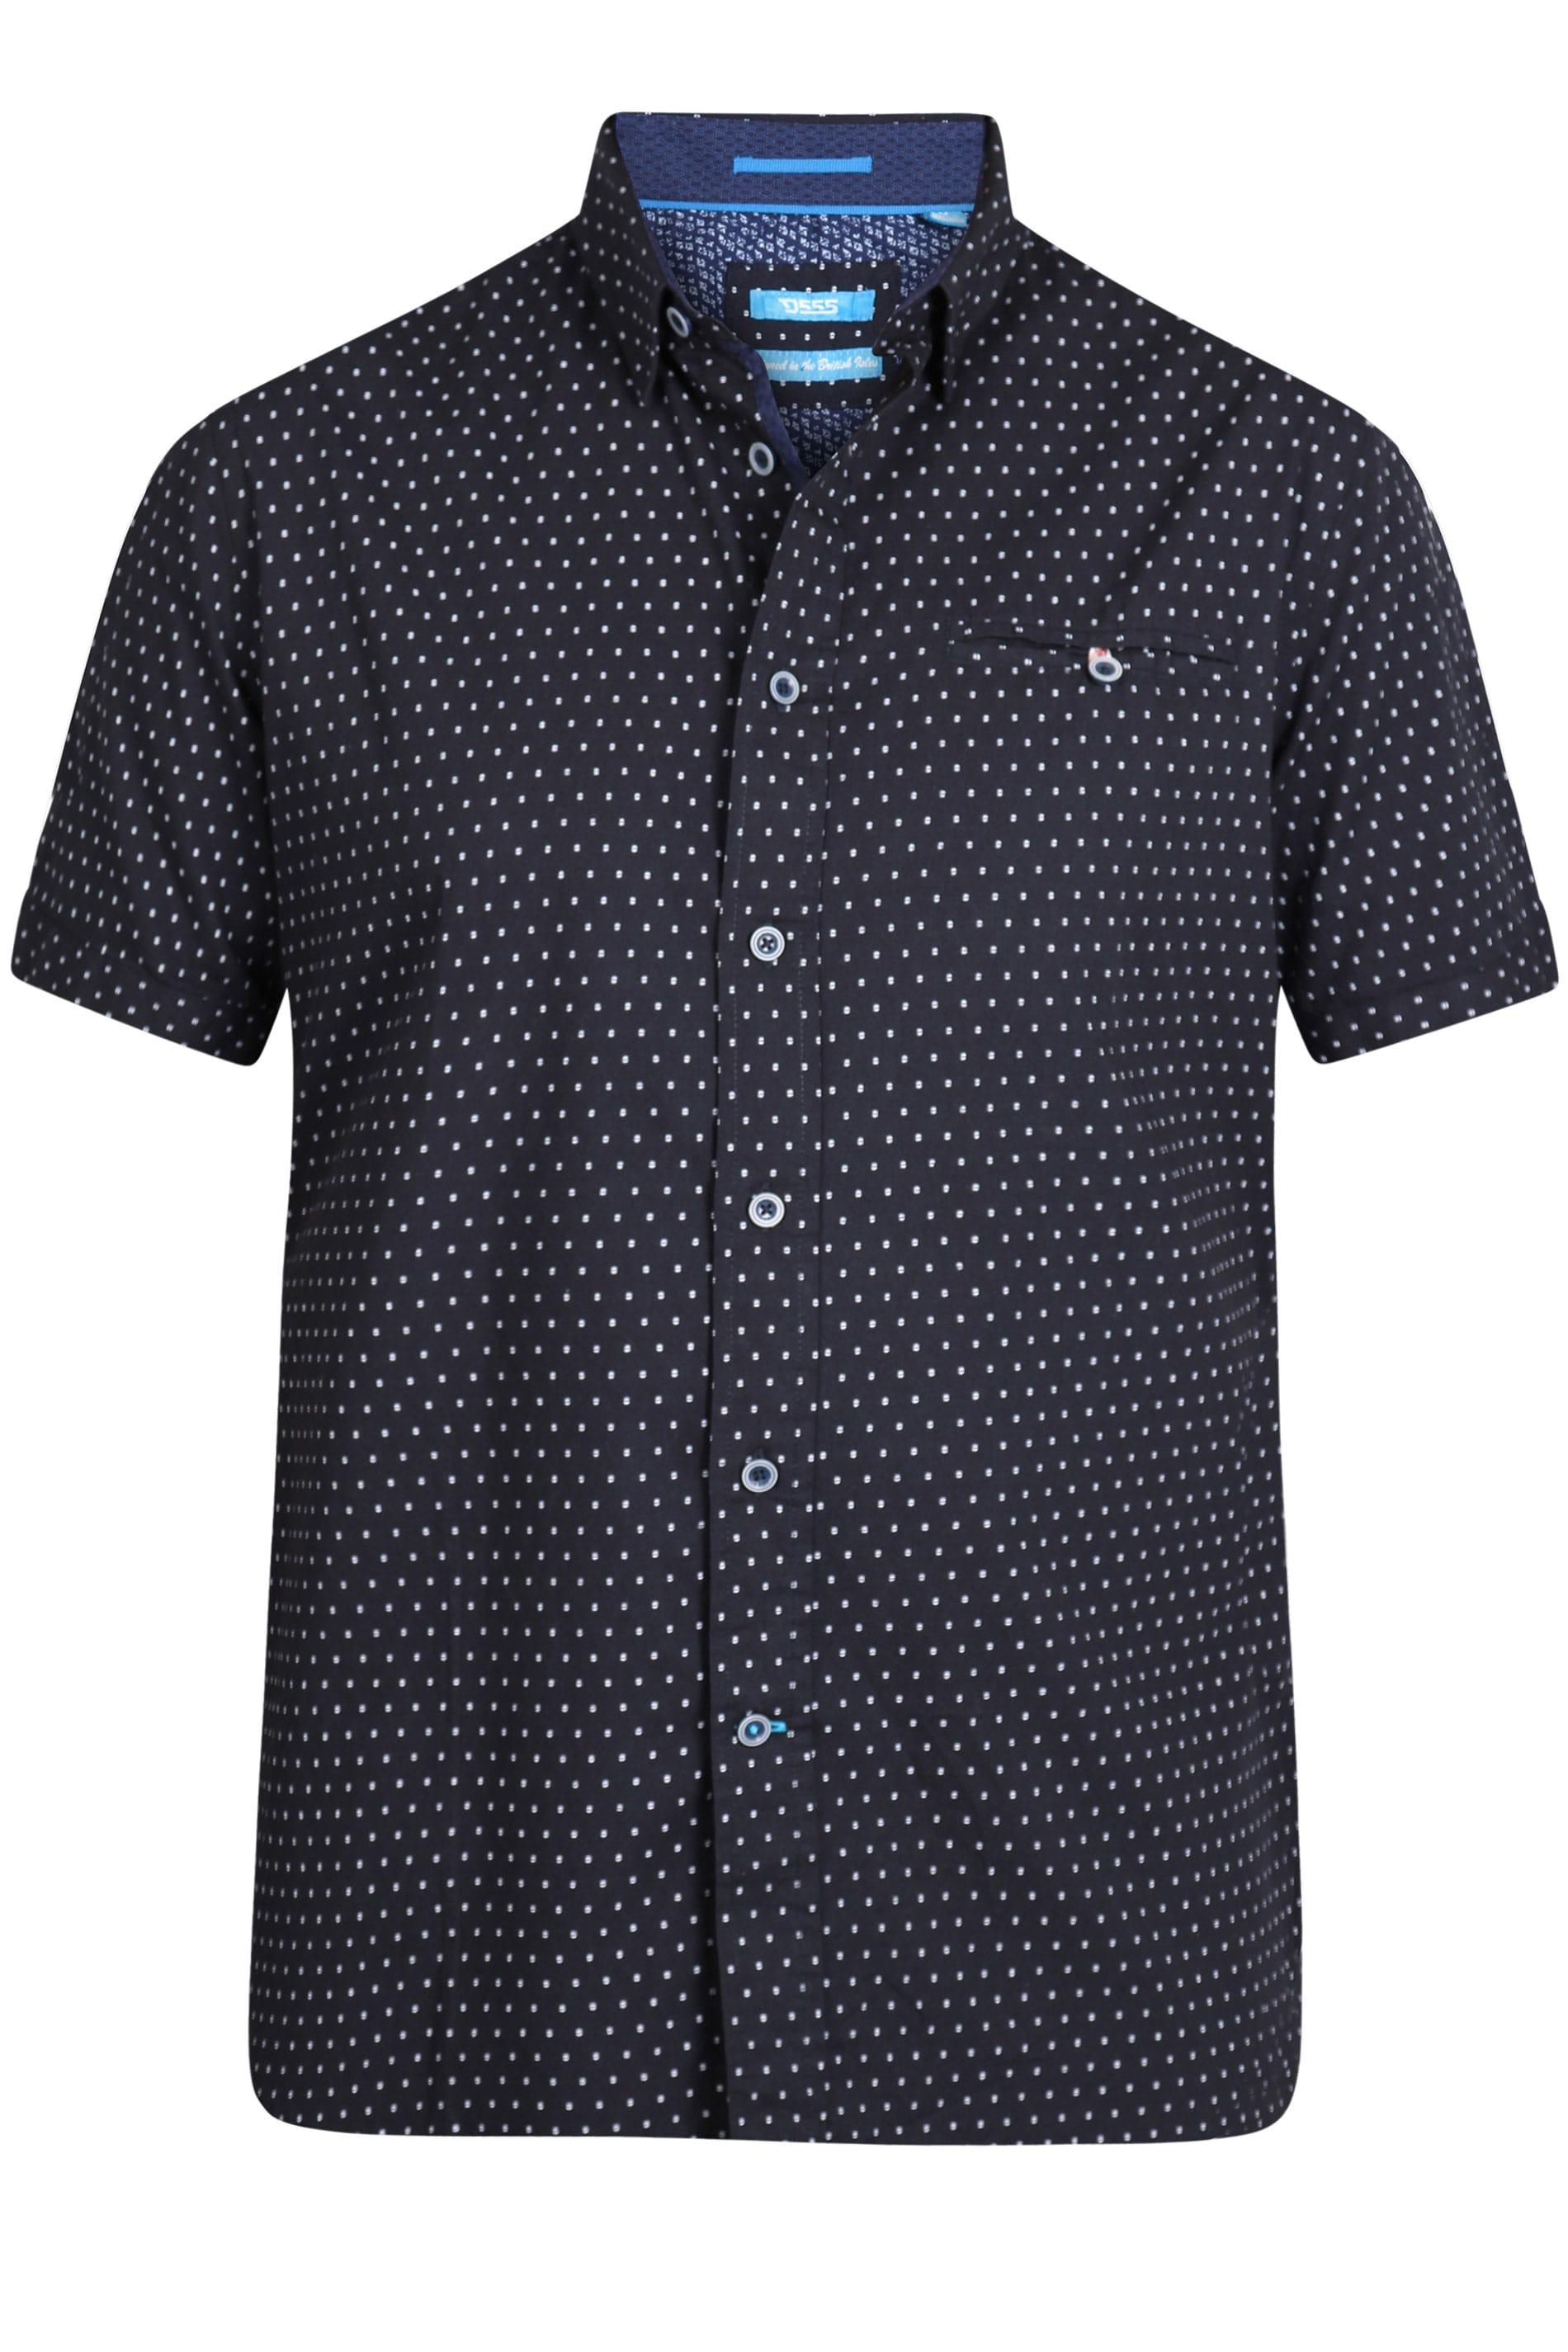 D555 Navy Spot Print Shirt